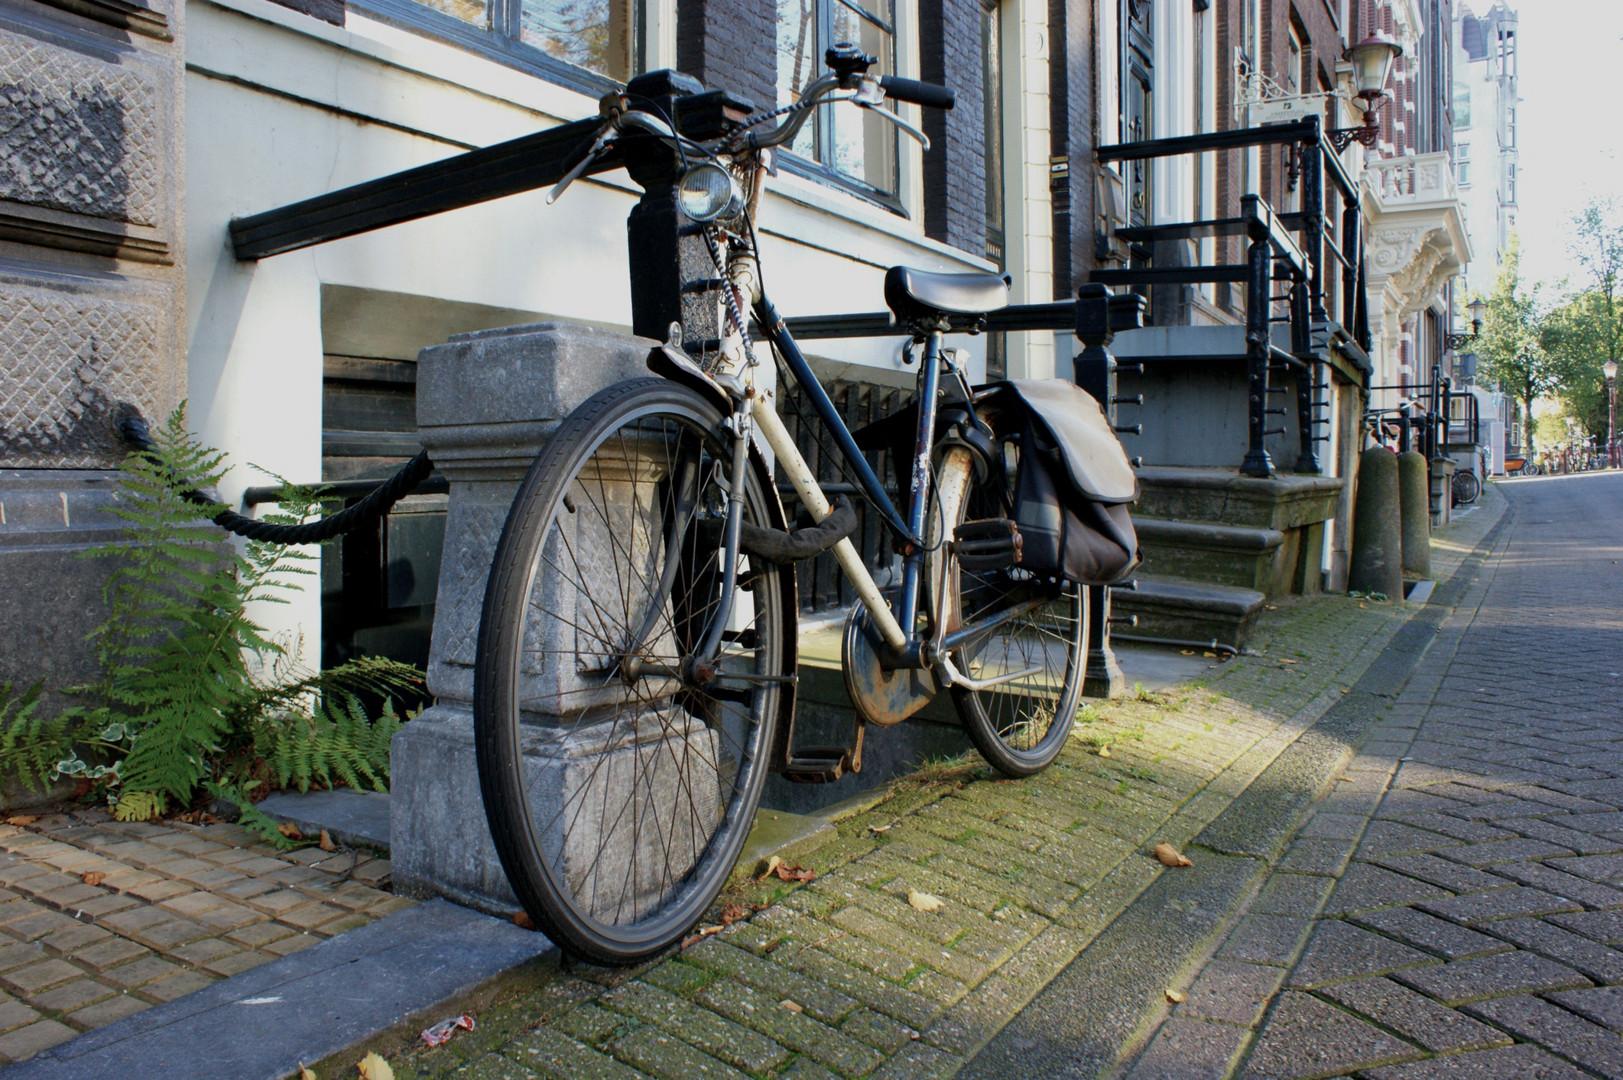 Hollandrad in Holland